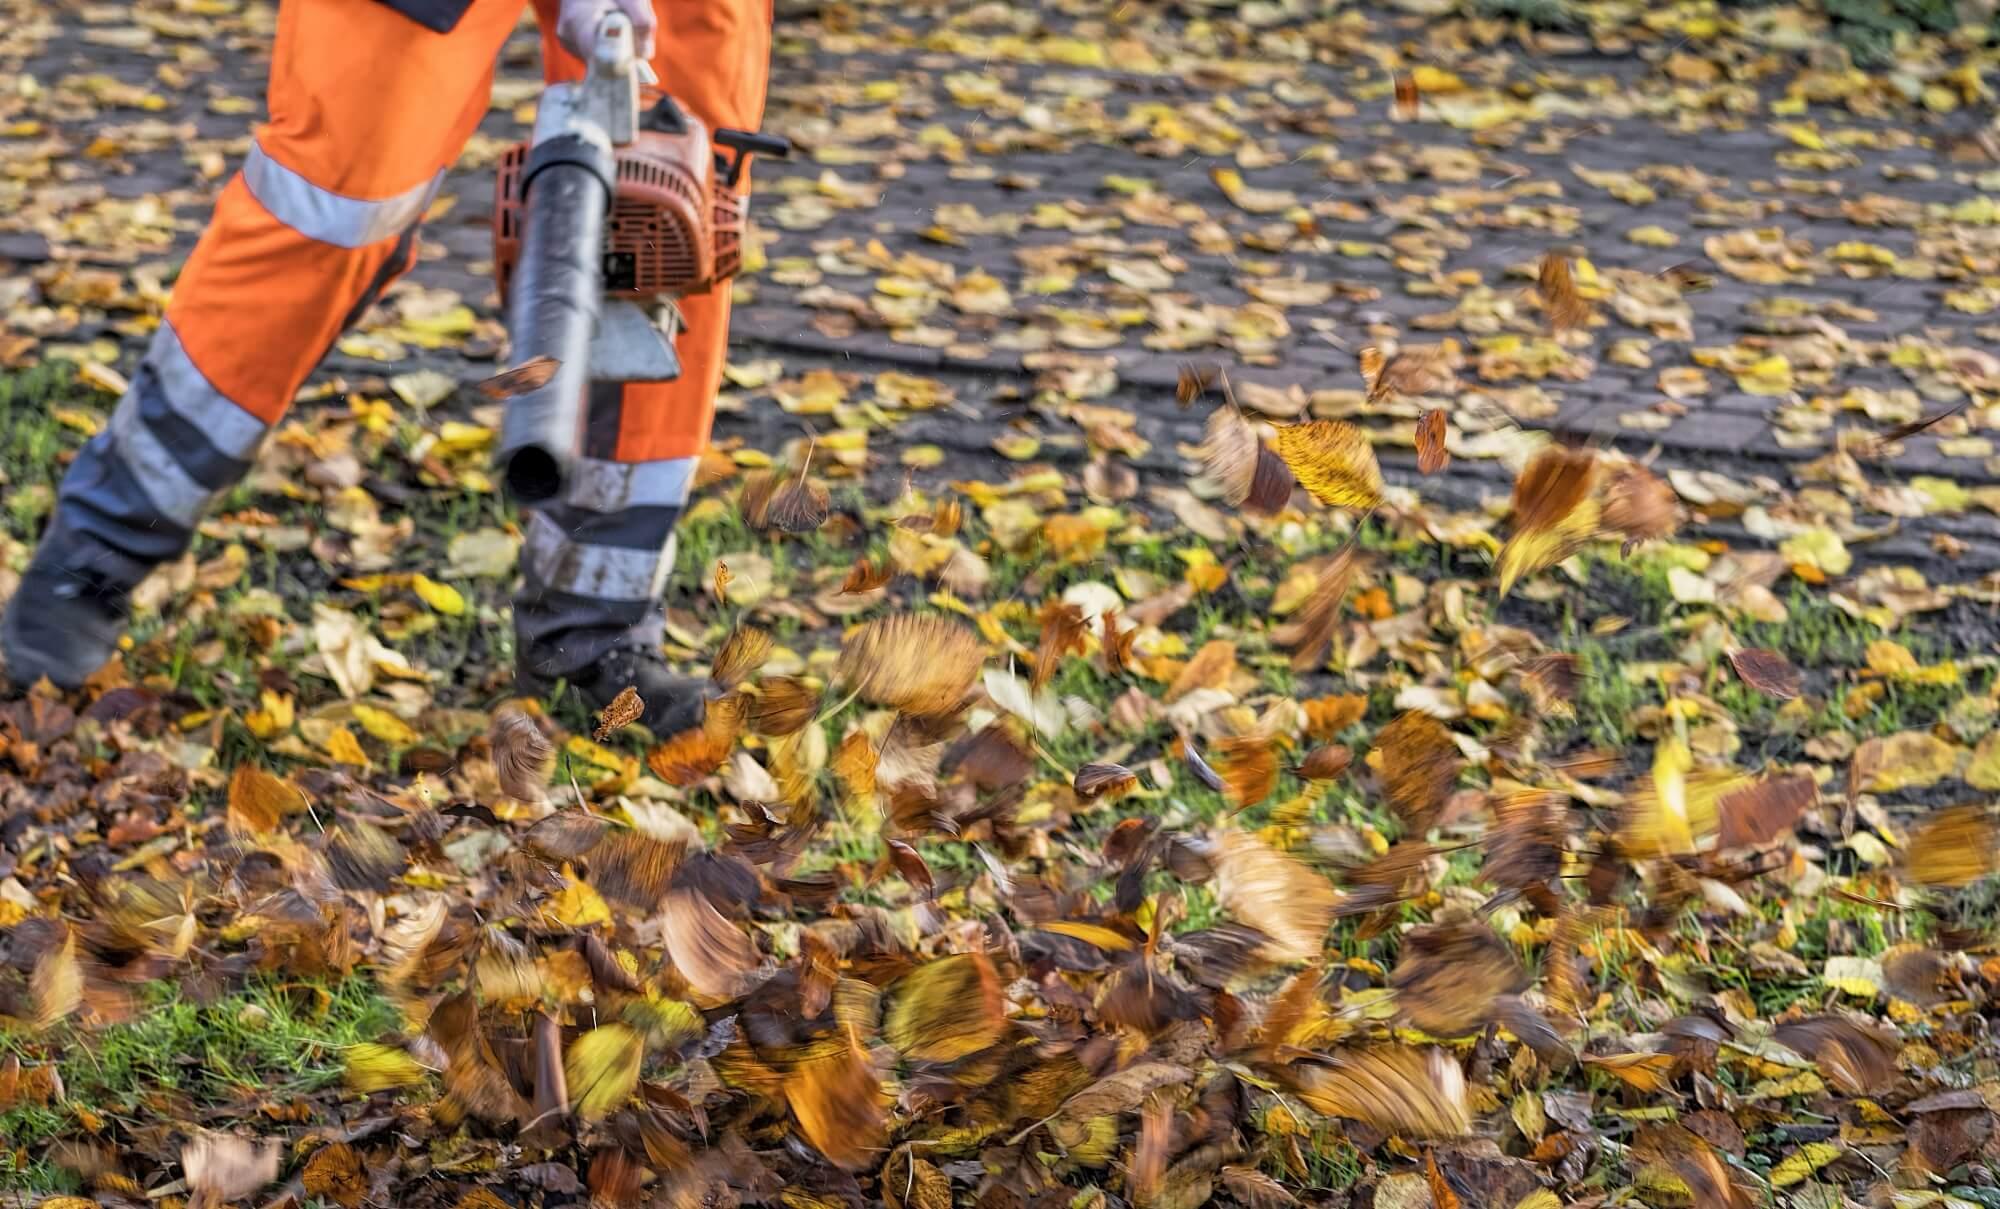 Kosten- und Leistungsrechnung – Arbeiten der Grünflächenpflege